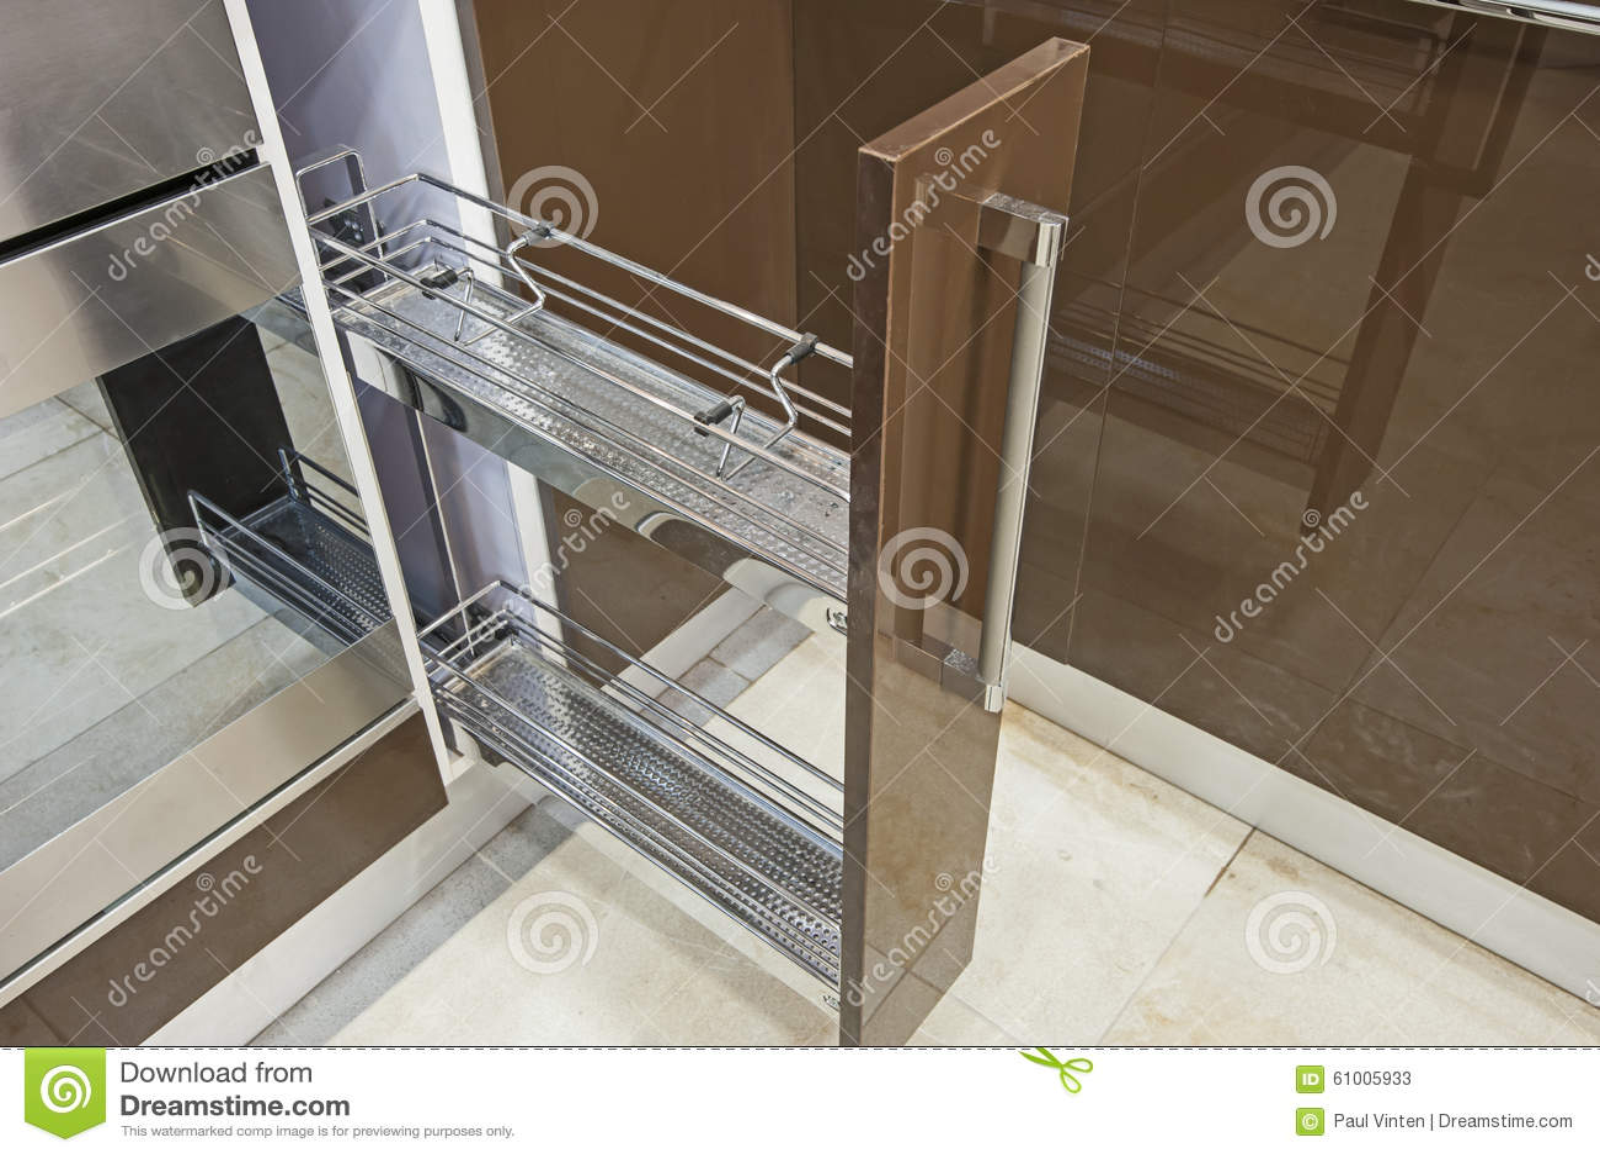 Kleiner Schrank In Einer Kuche Stockbild Bild Von Dekor Inside